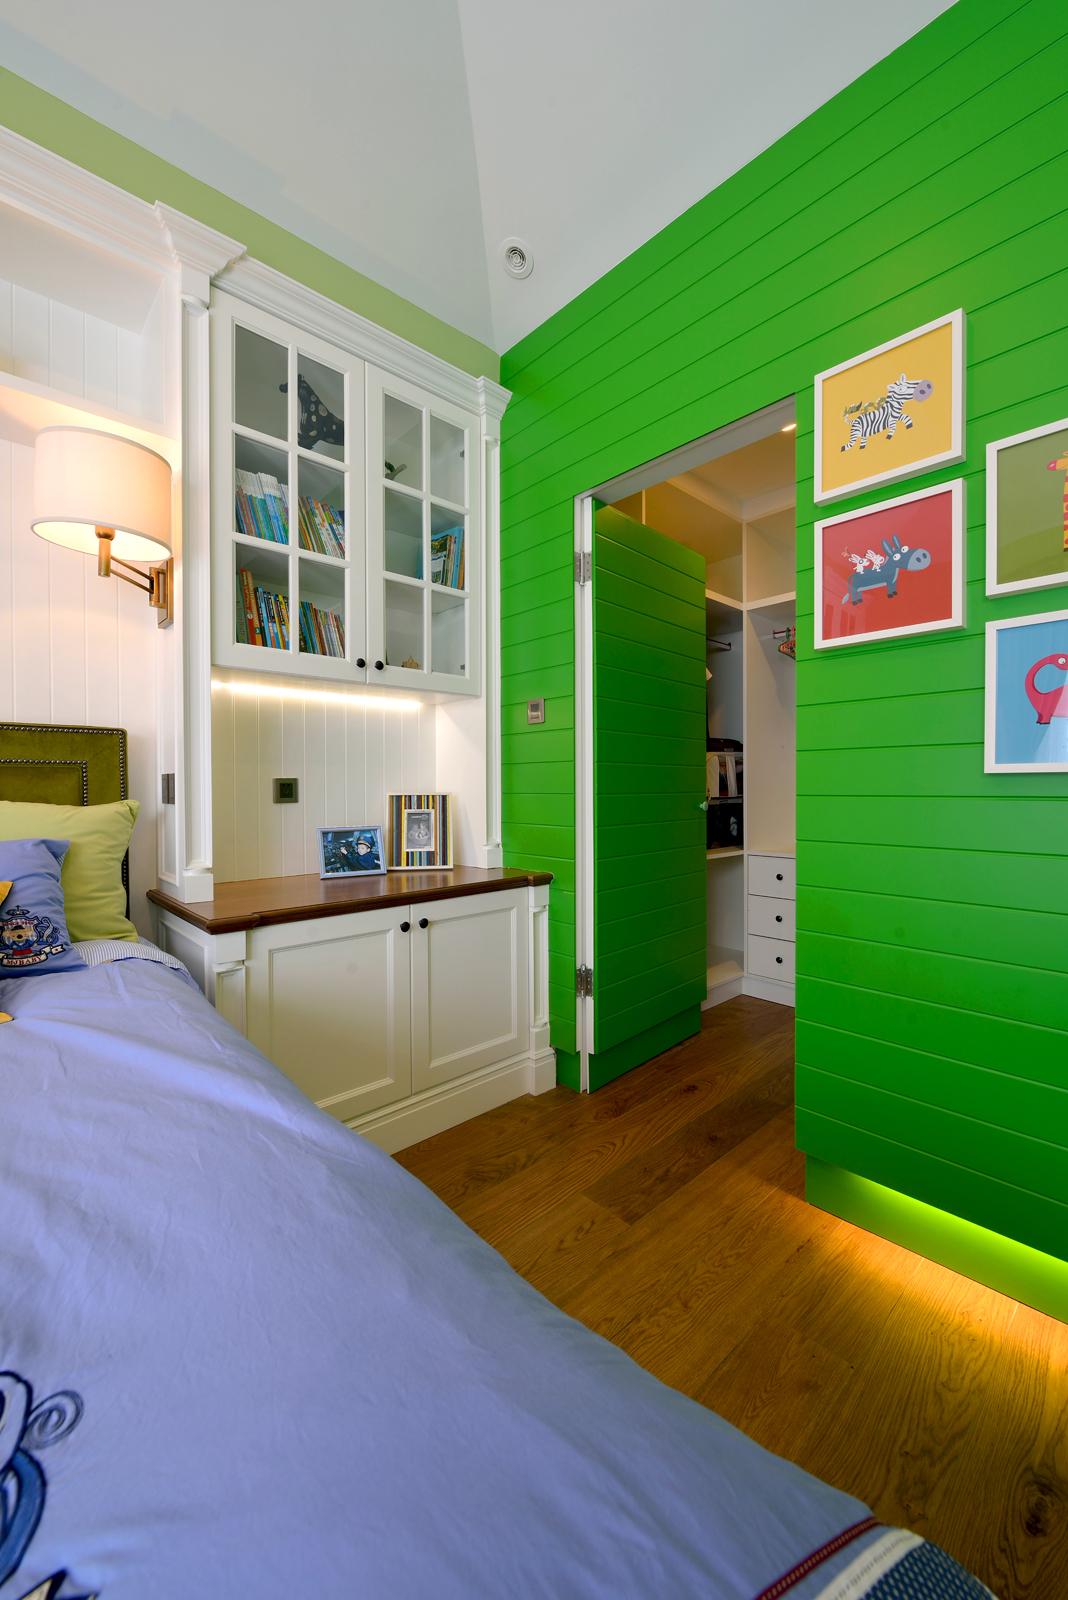 美式混搭风格别墅装修隐形门设计图